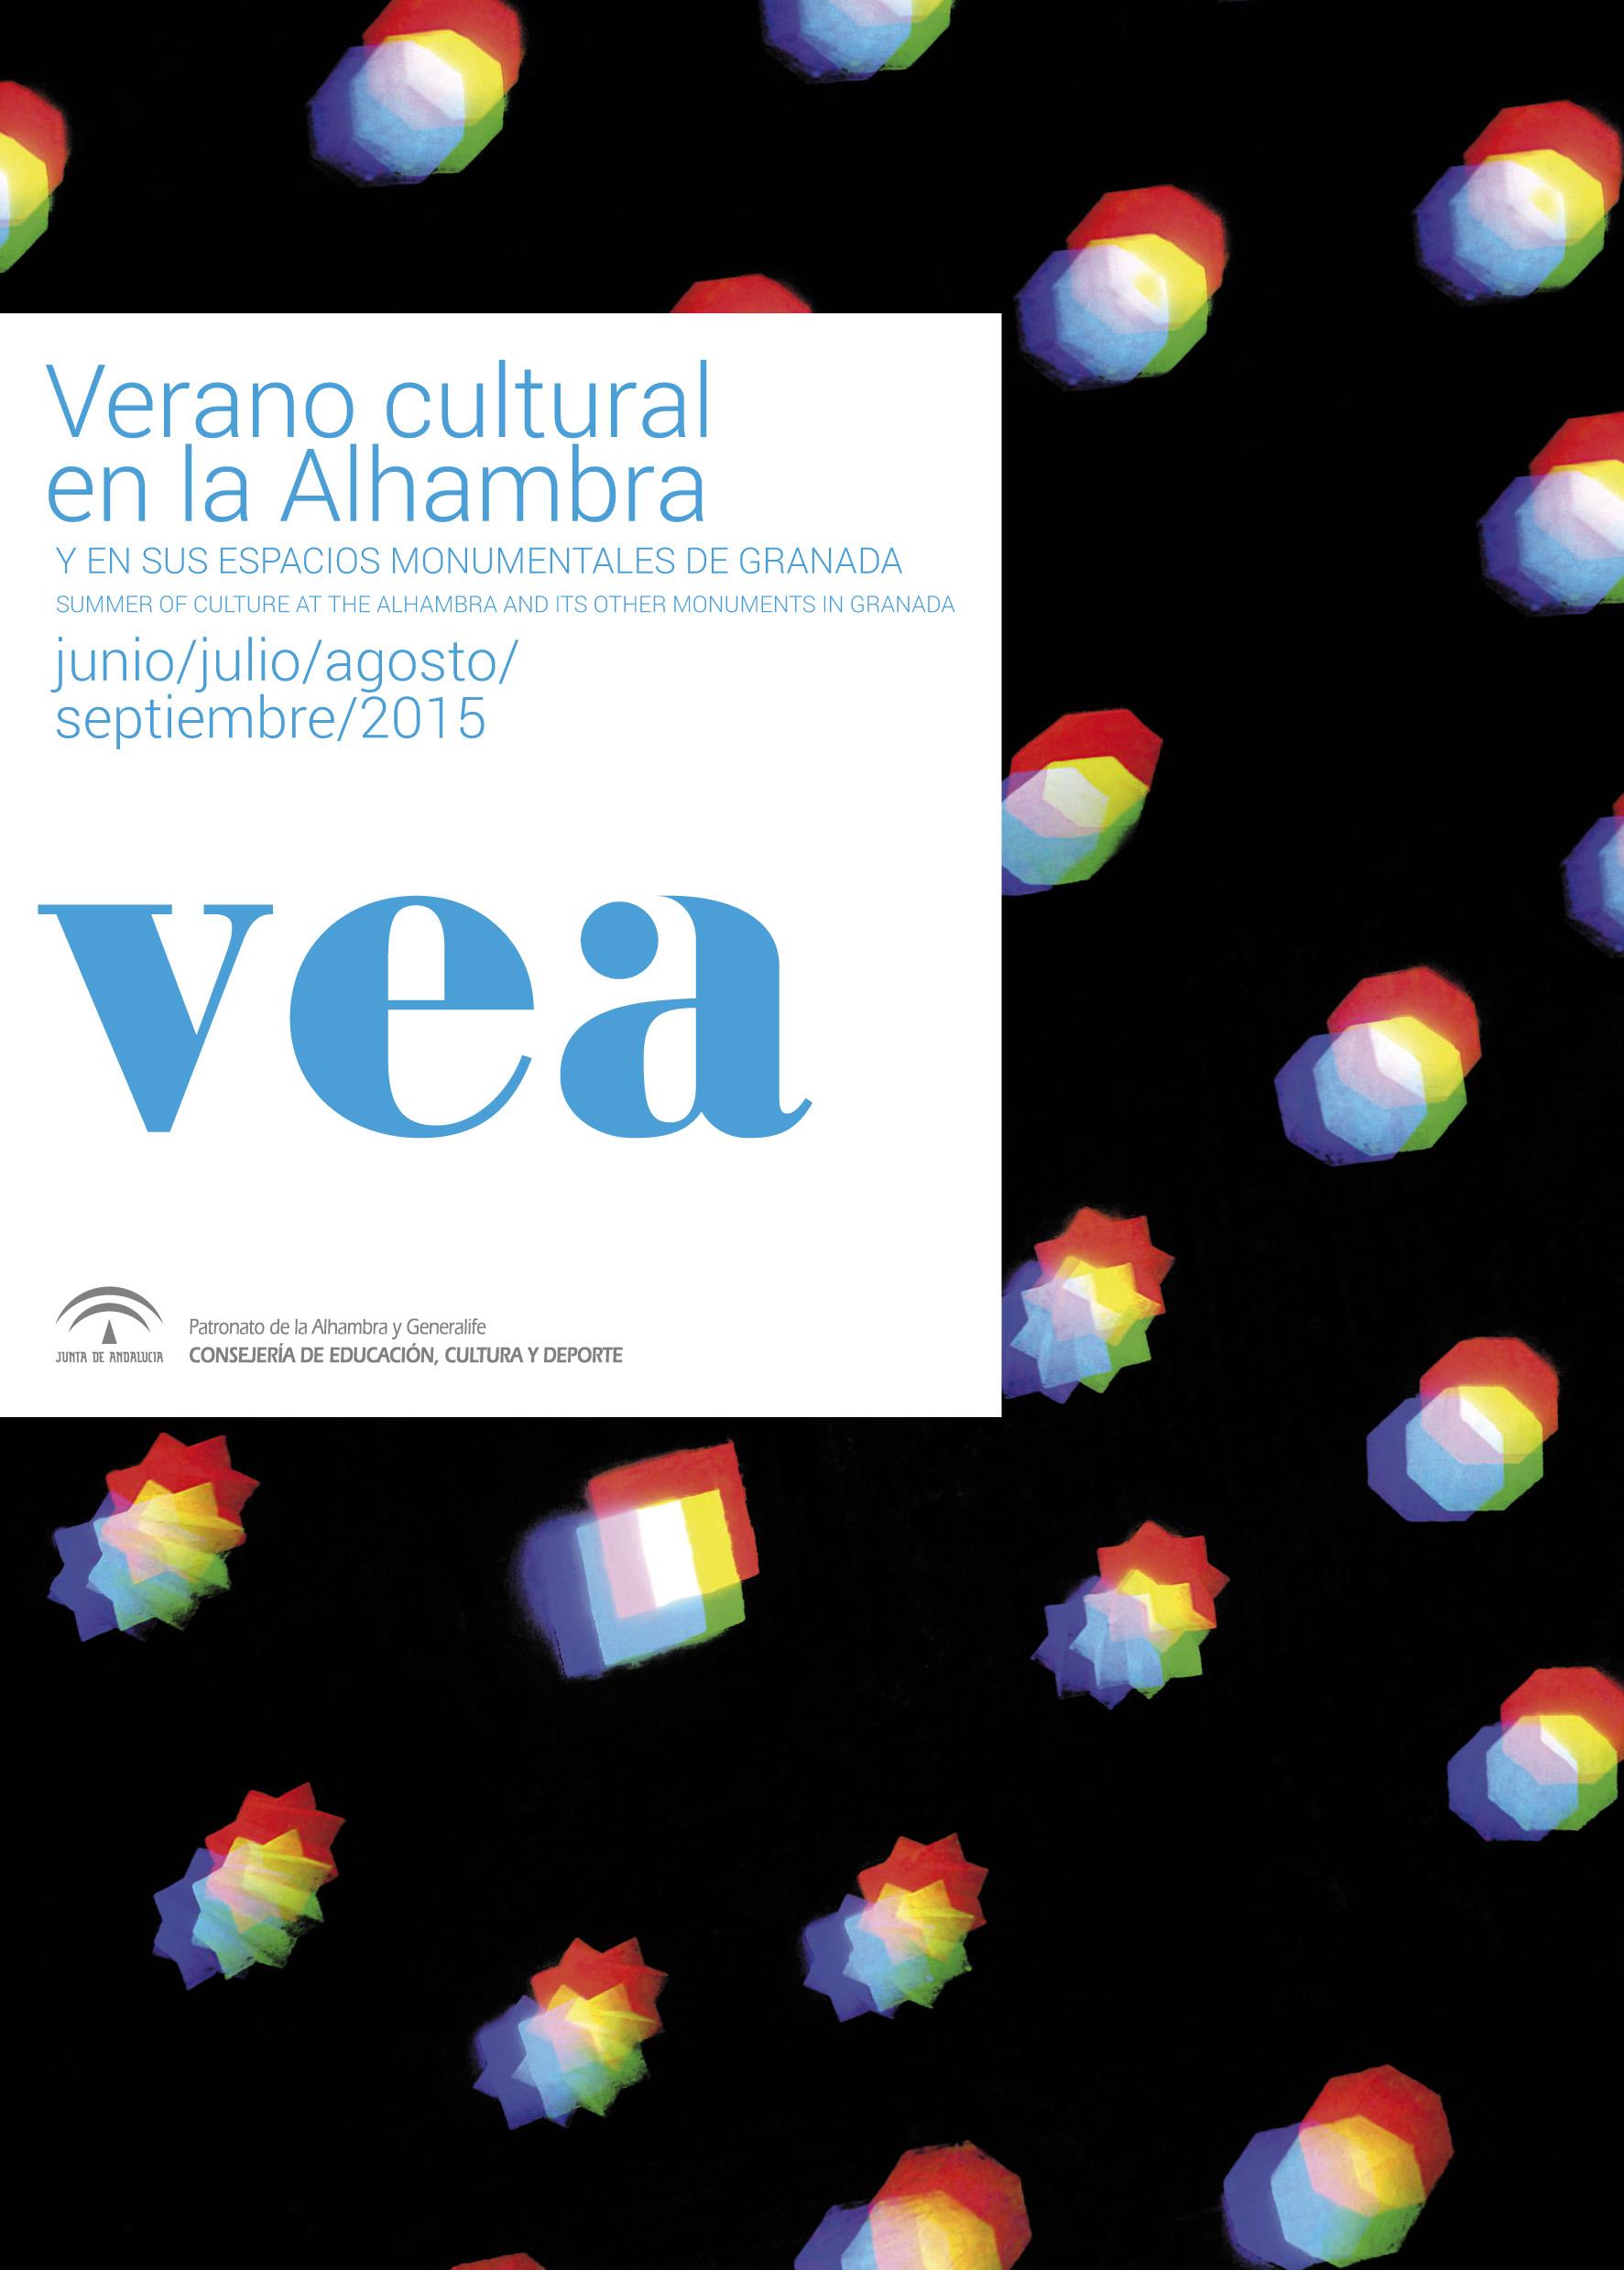 VEA: Verano cultural en la Alhambra  y en los espacios Monumentales de Granada.